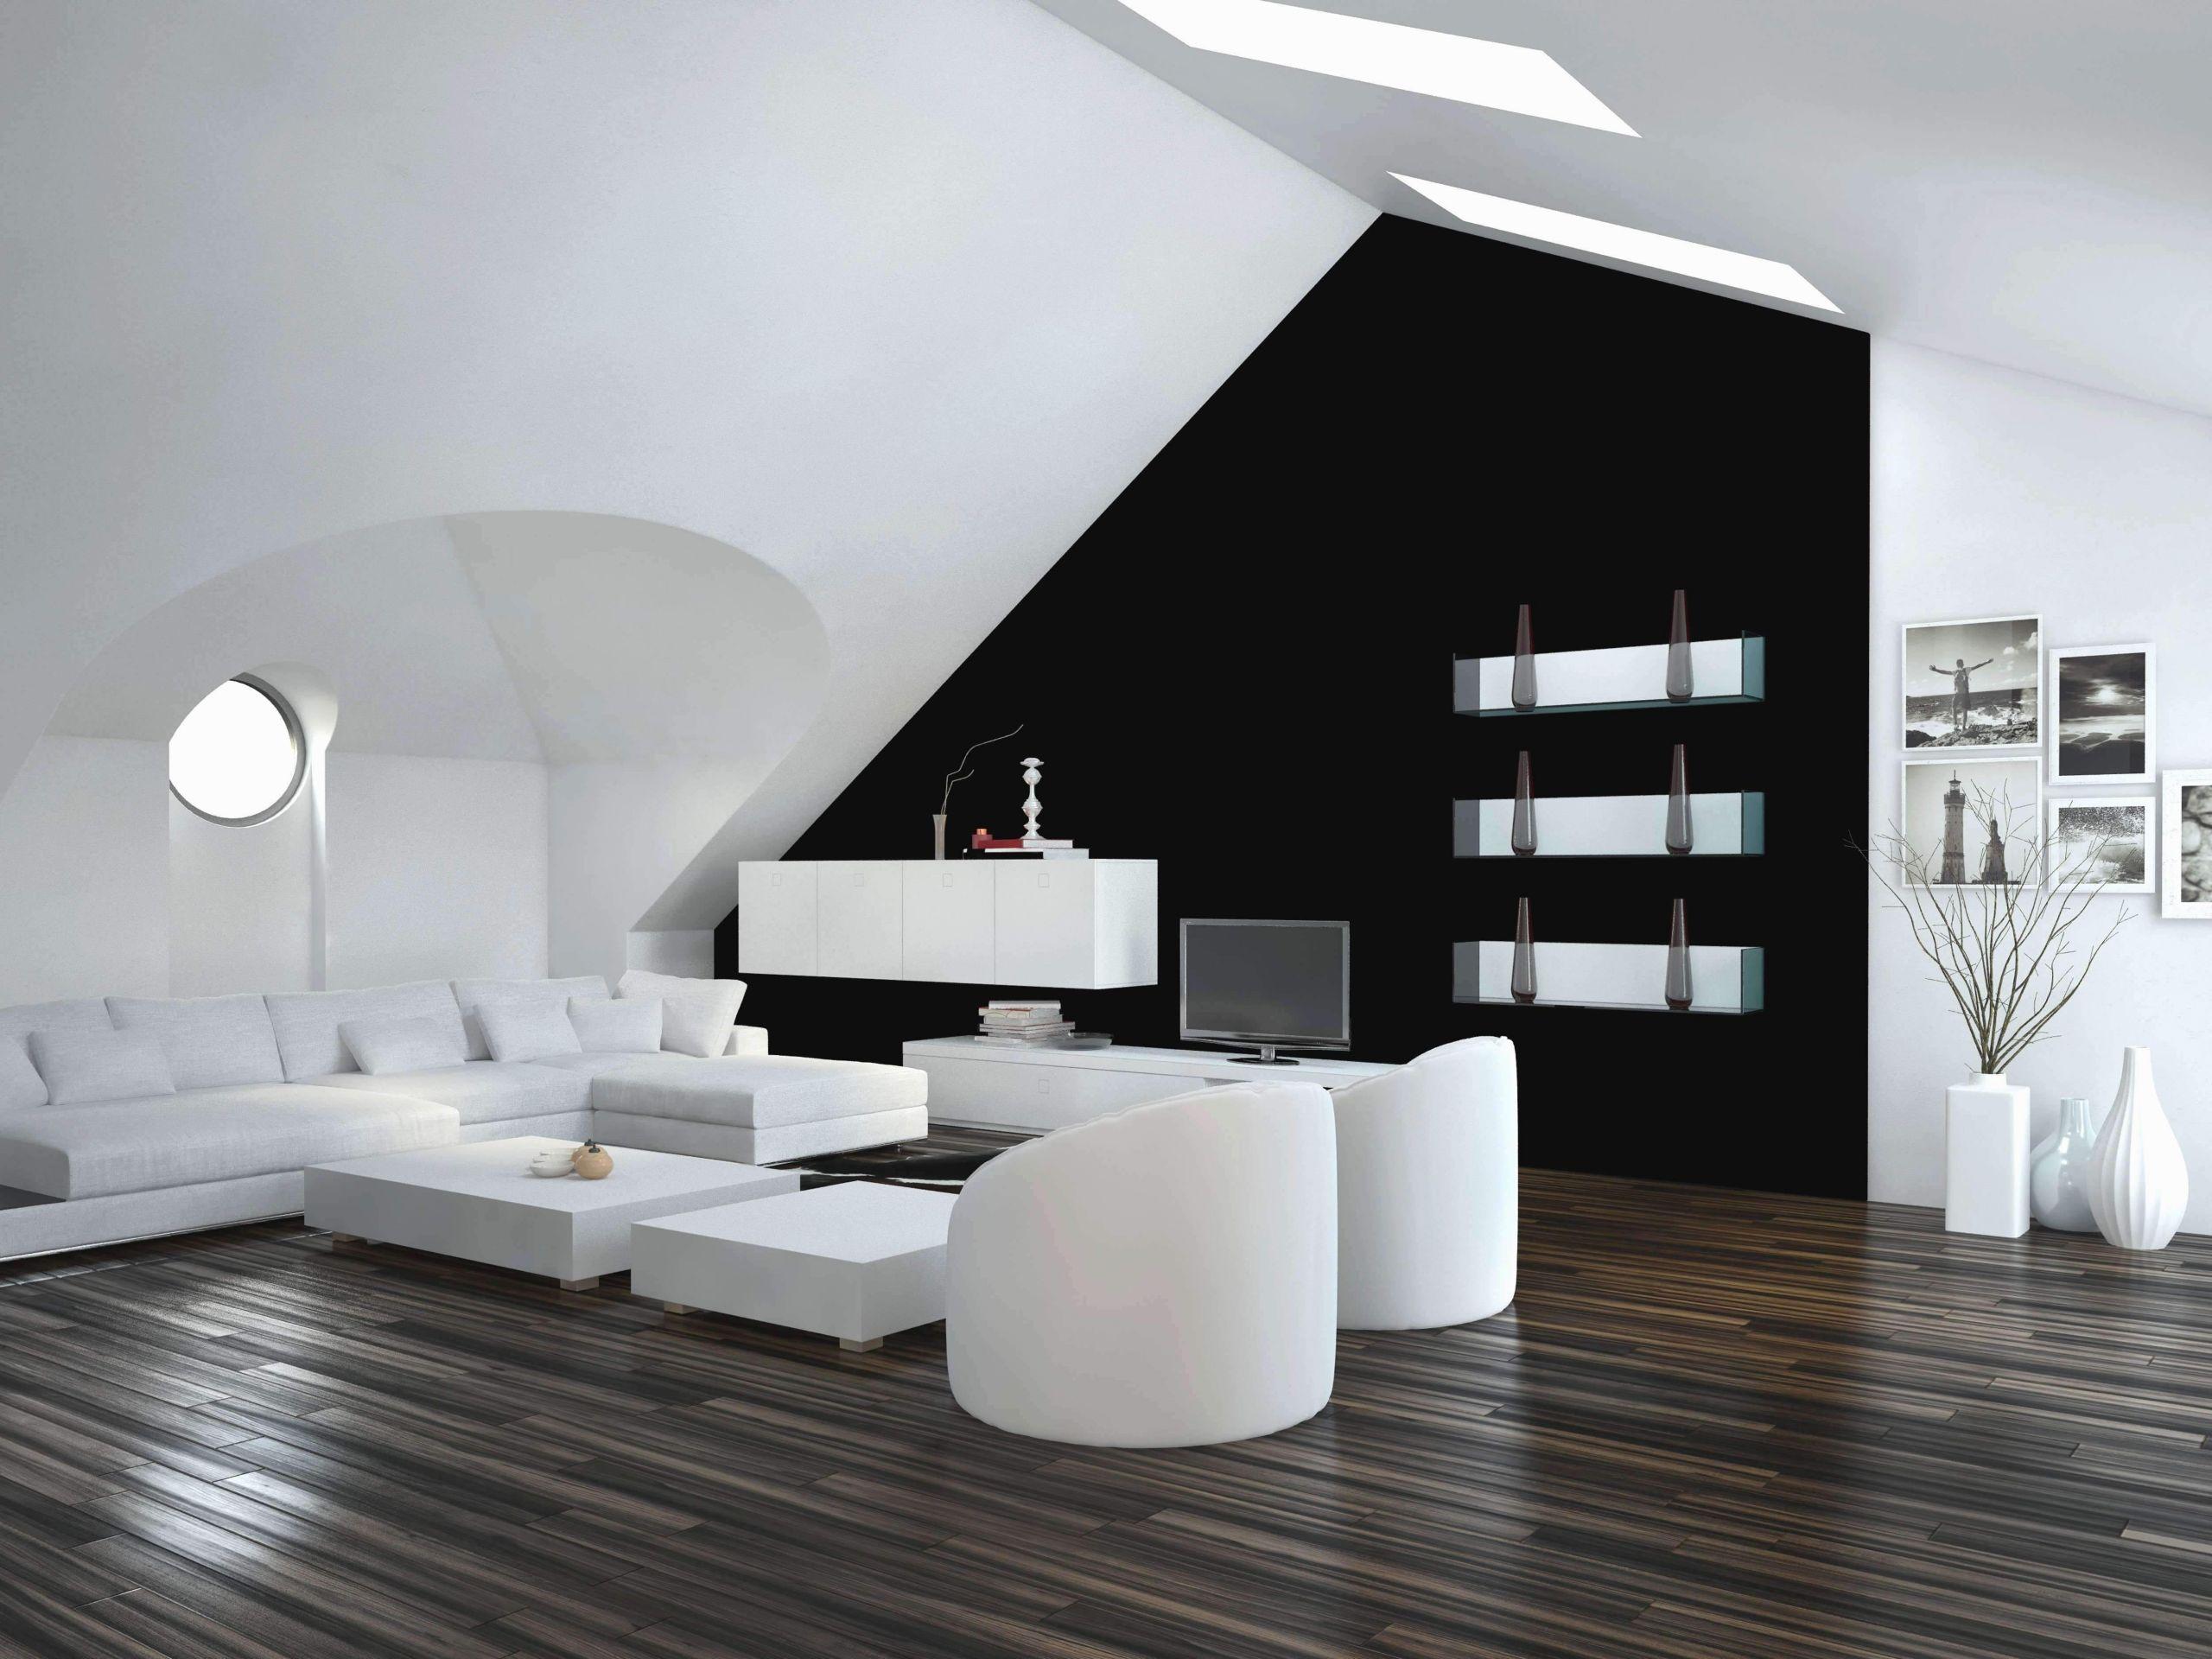 deko wohnzimmer selber machen luxus steinwand wohnzimmer selber machen einzigartig wohnzimmer of deko wohnzimmer selber machen scaled